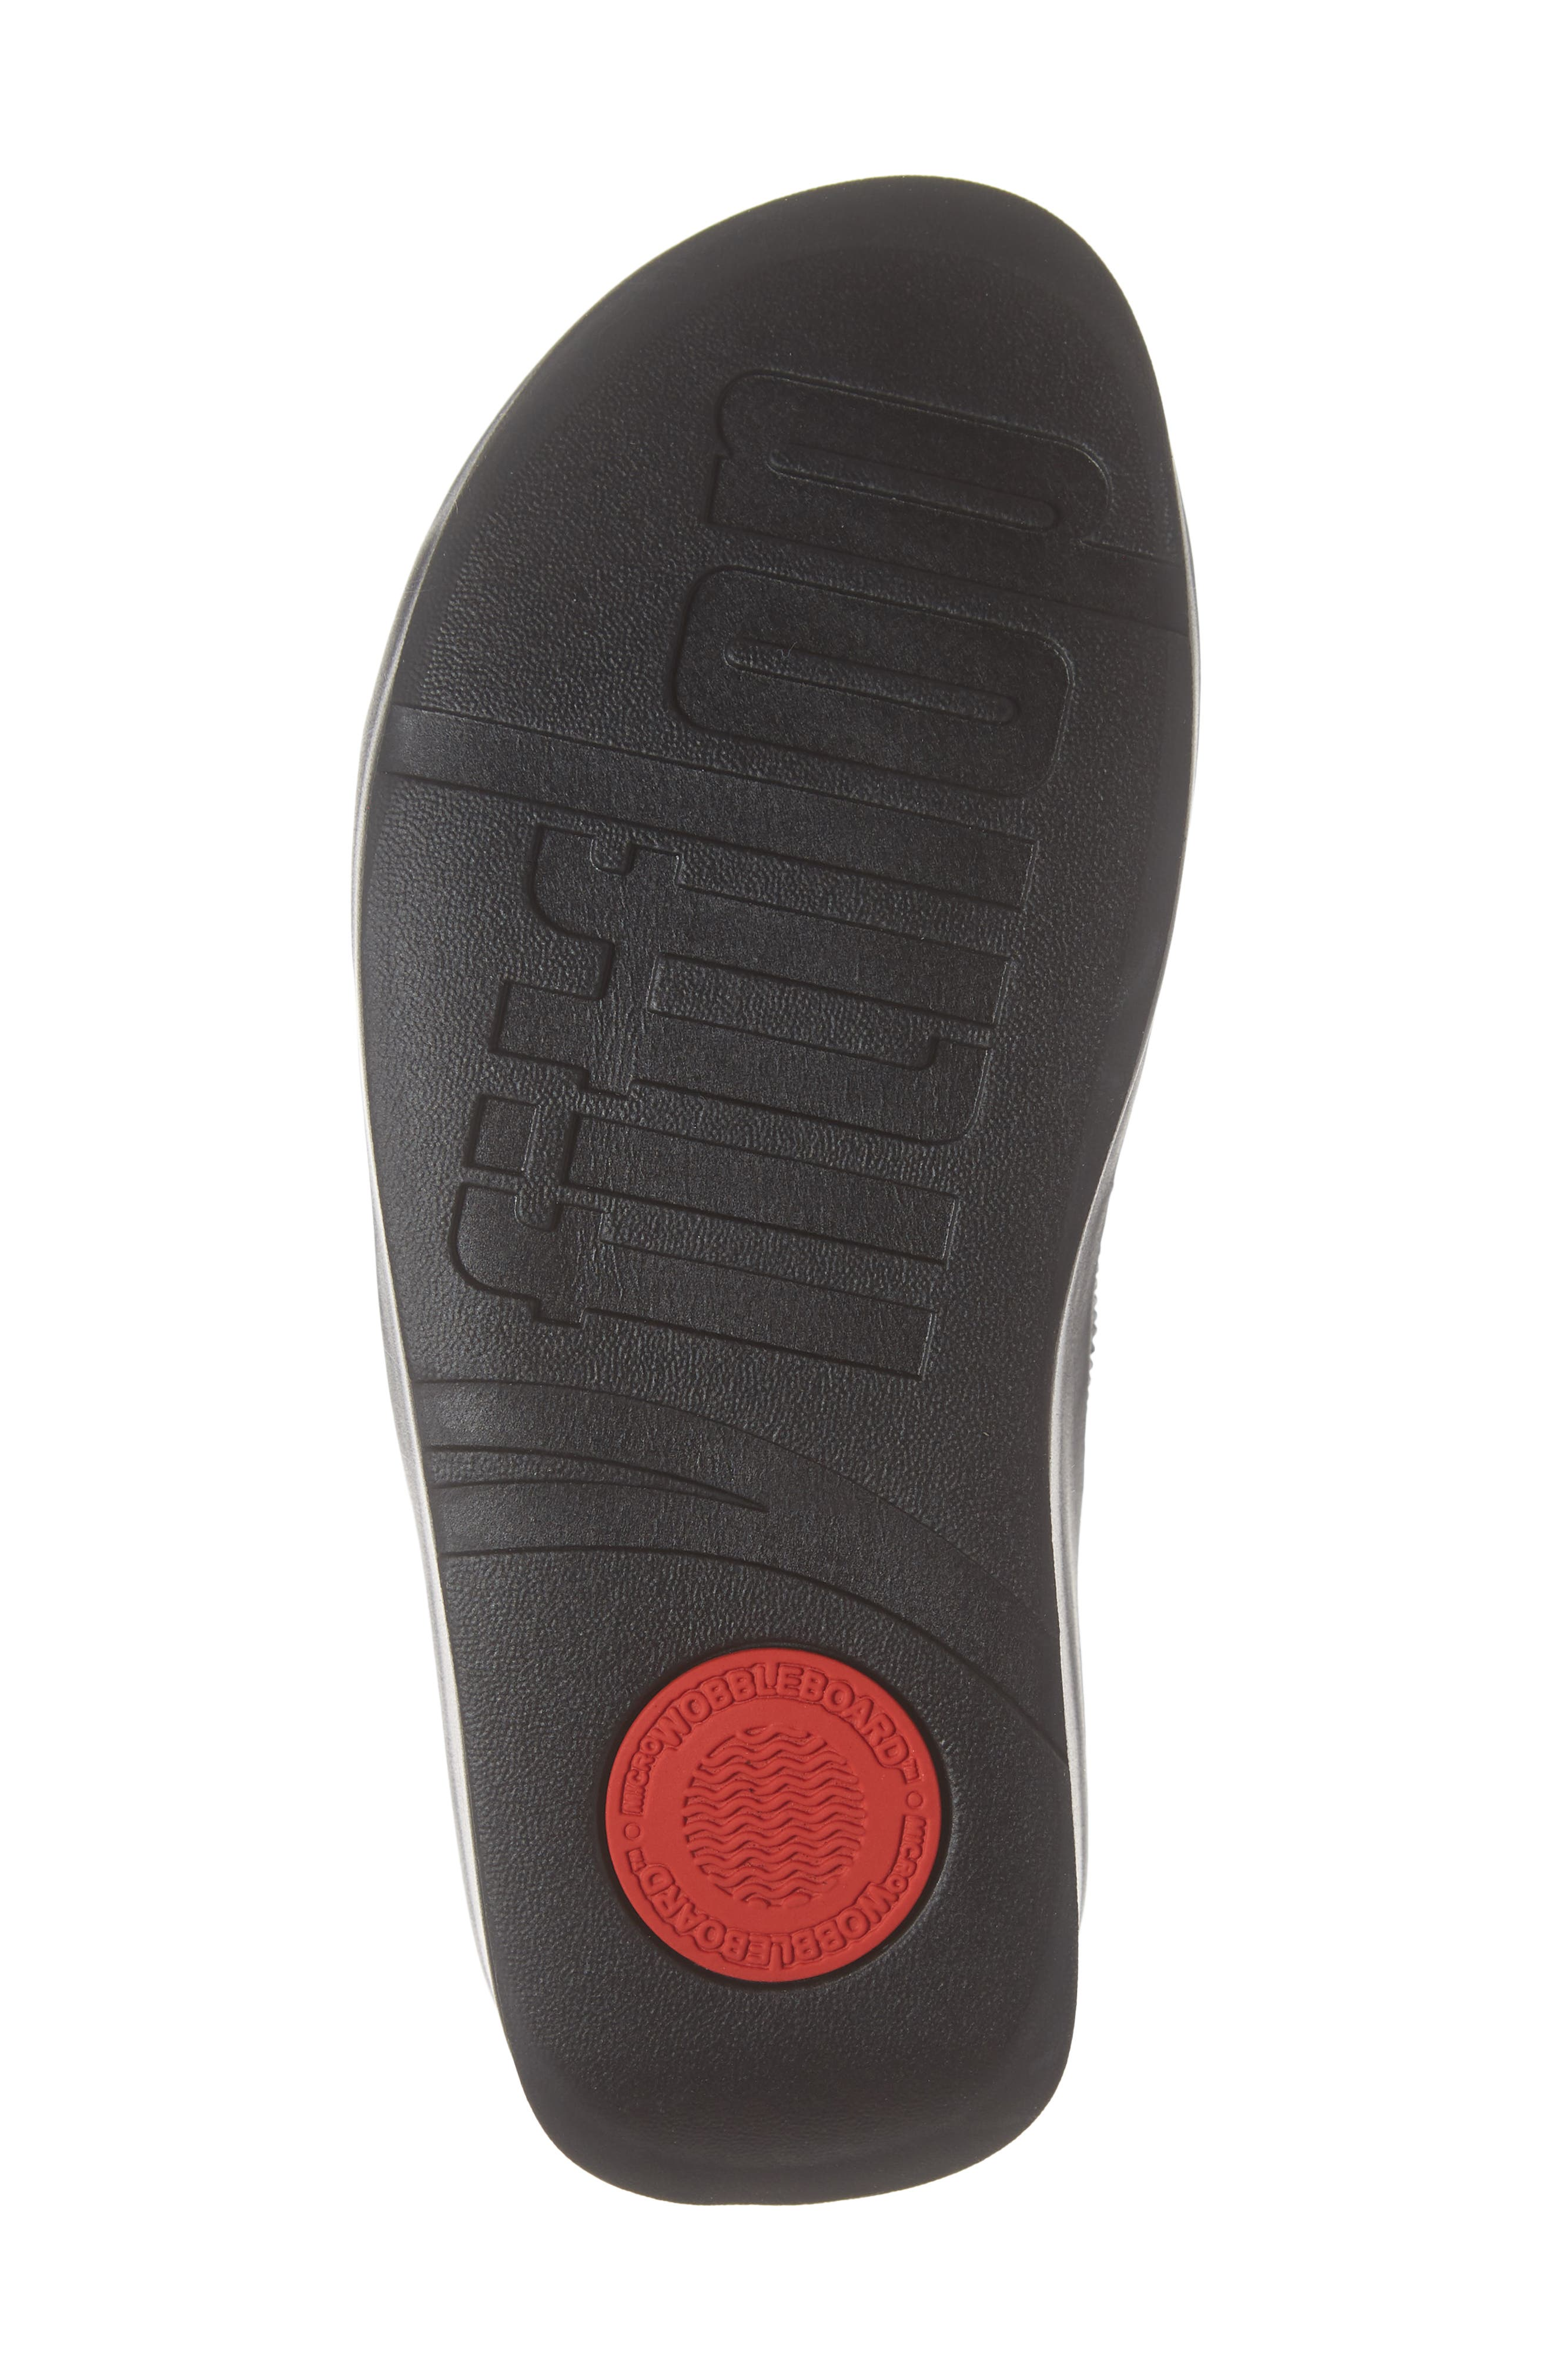 FITFLOP, Twiss Crystal Embellished Slide Sandal, Alternate thumbnail 6, color, BLACK FABRIC